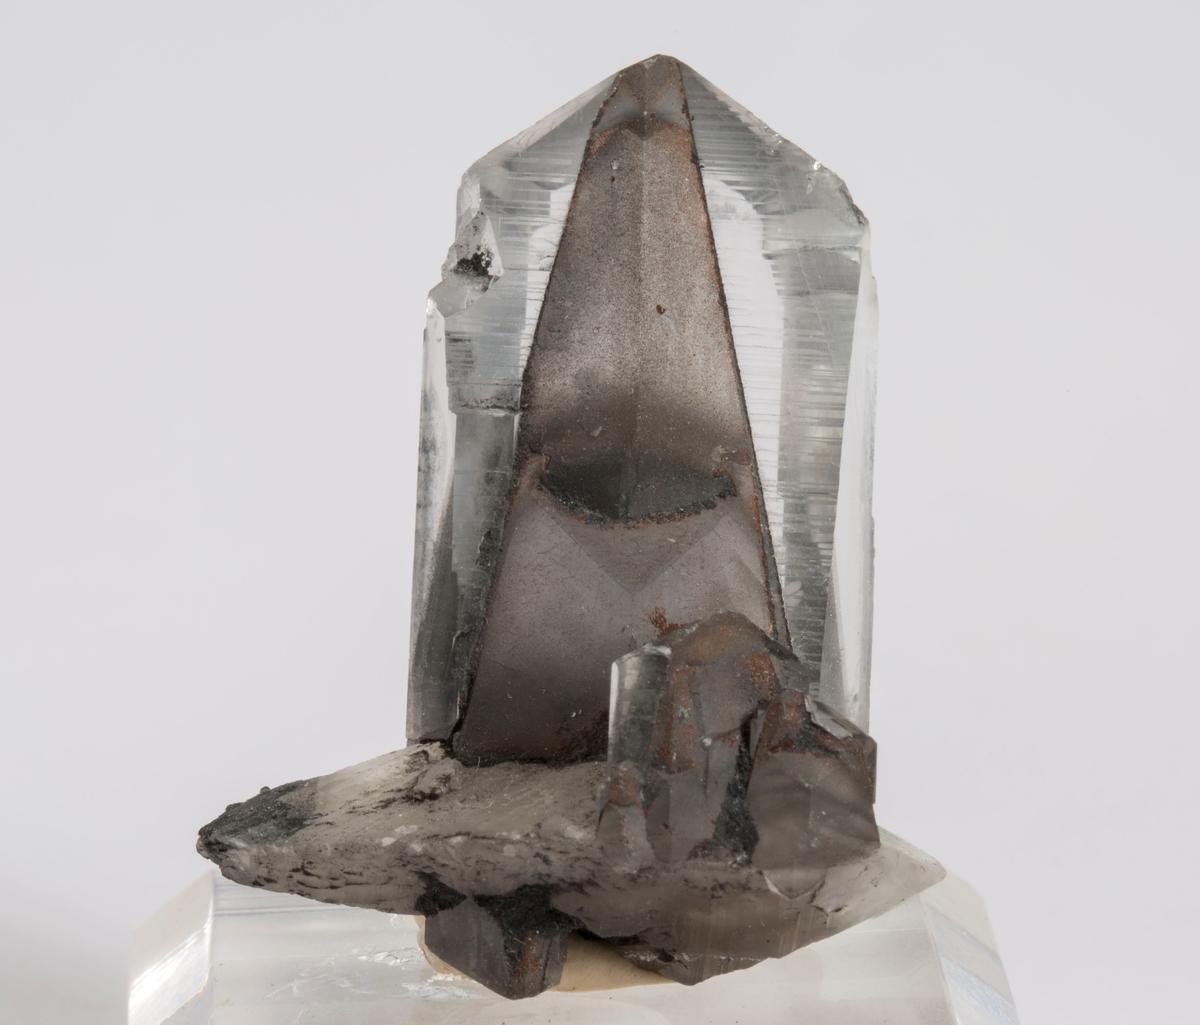 Kalsitt, fantom xl, på liten diskos, deler av fantom i det fri. Foto i Mineralien Welt.